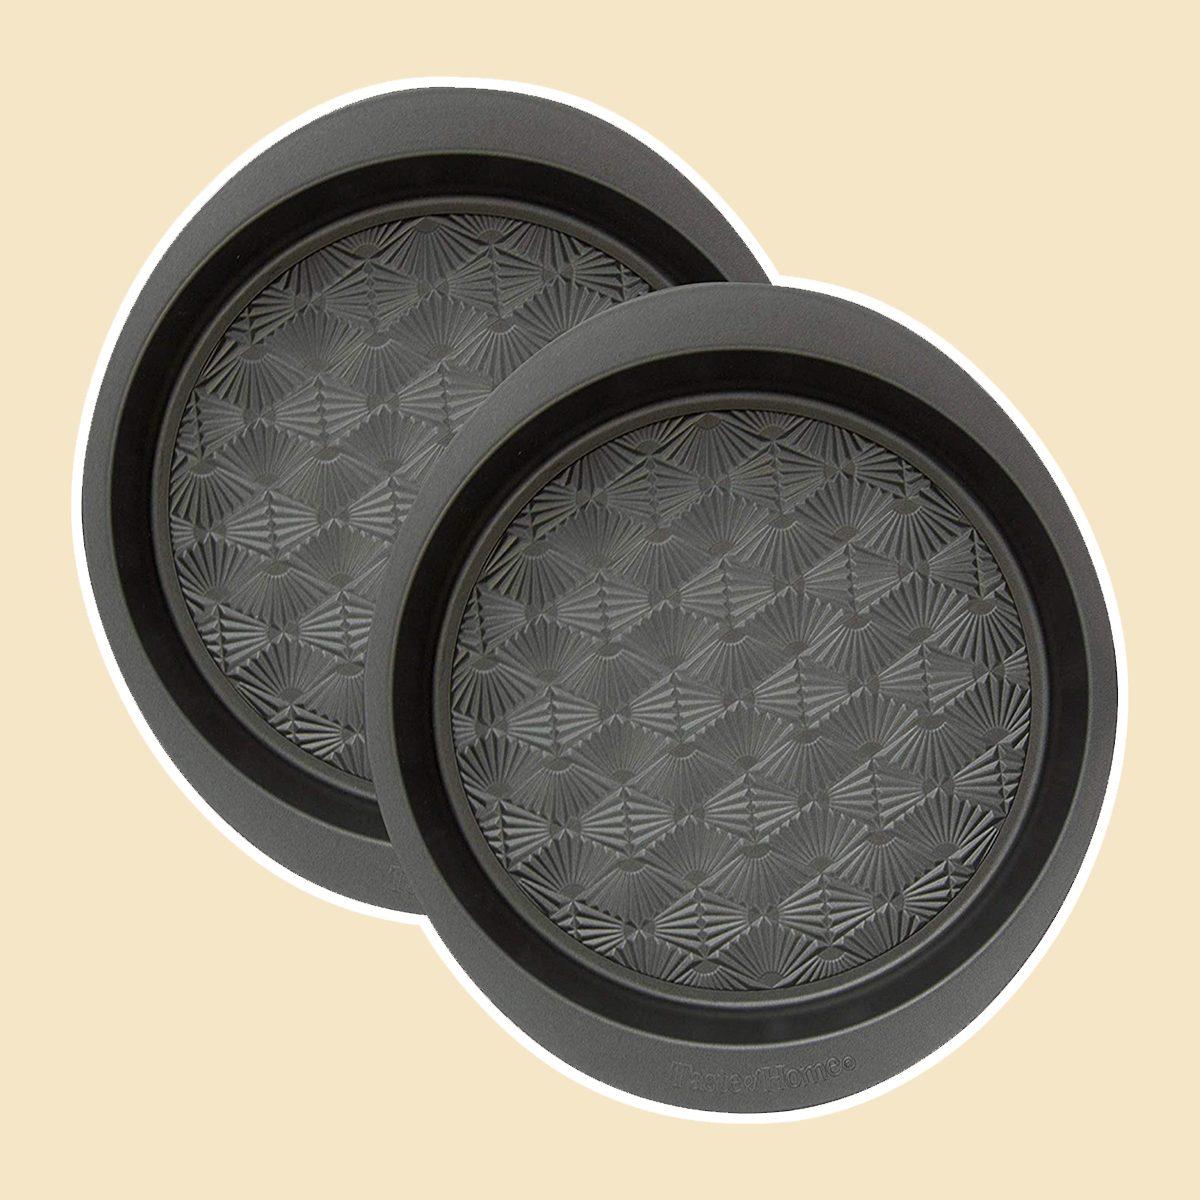 TOH 9-inch Non-Stick Metal Round Baking Pan